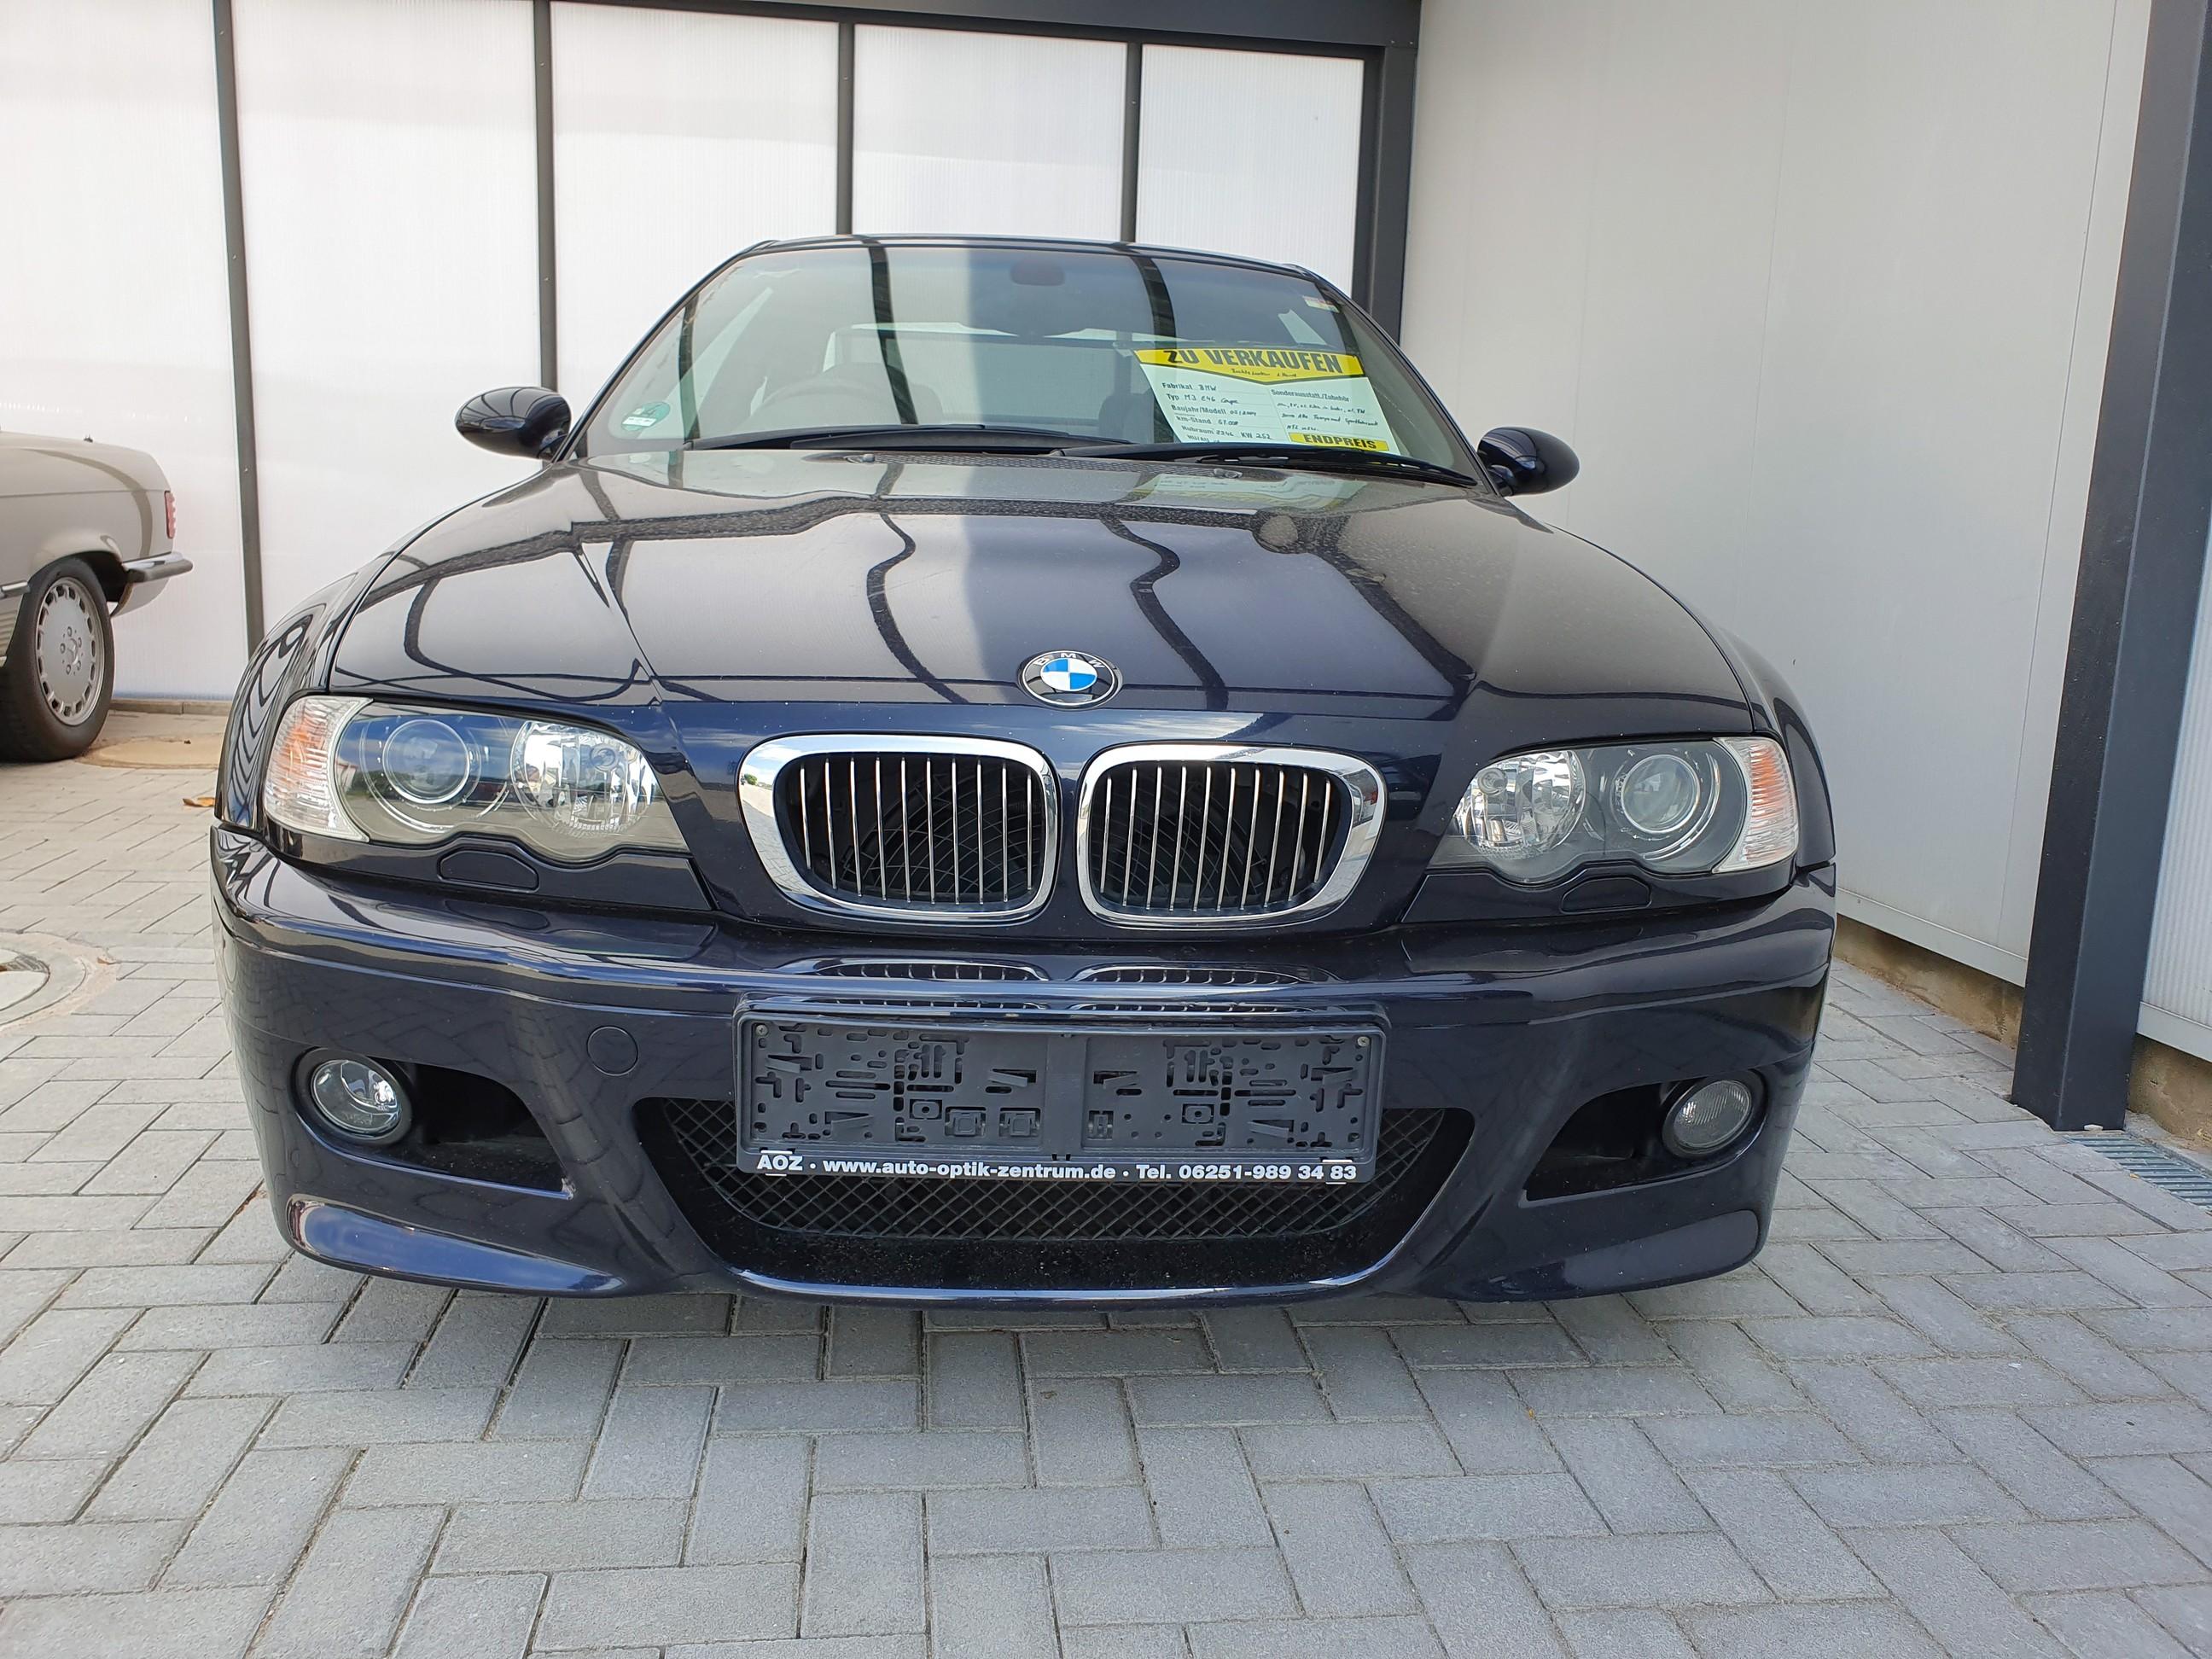 Marche arrière : La BMW M3 E46 - Page 11 - Auto titre